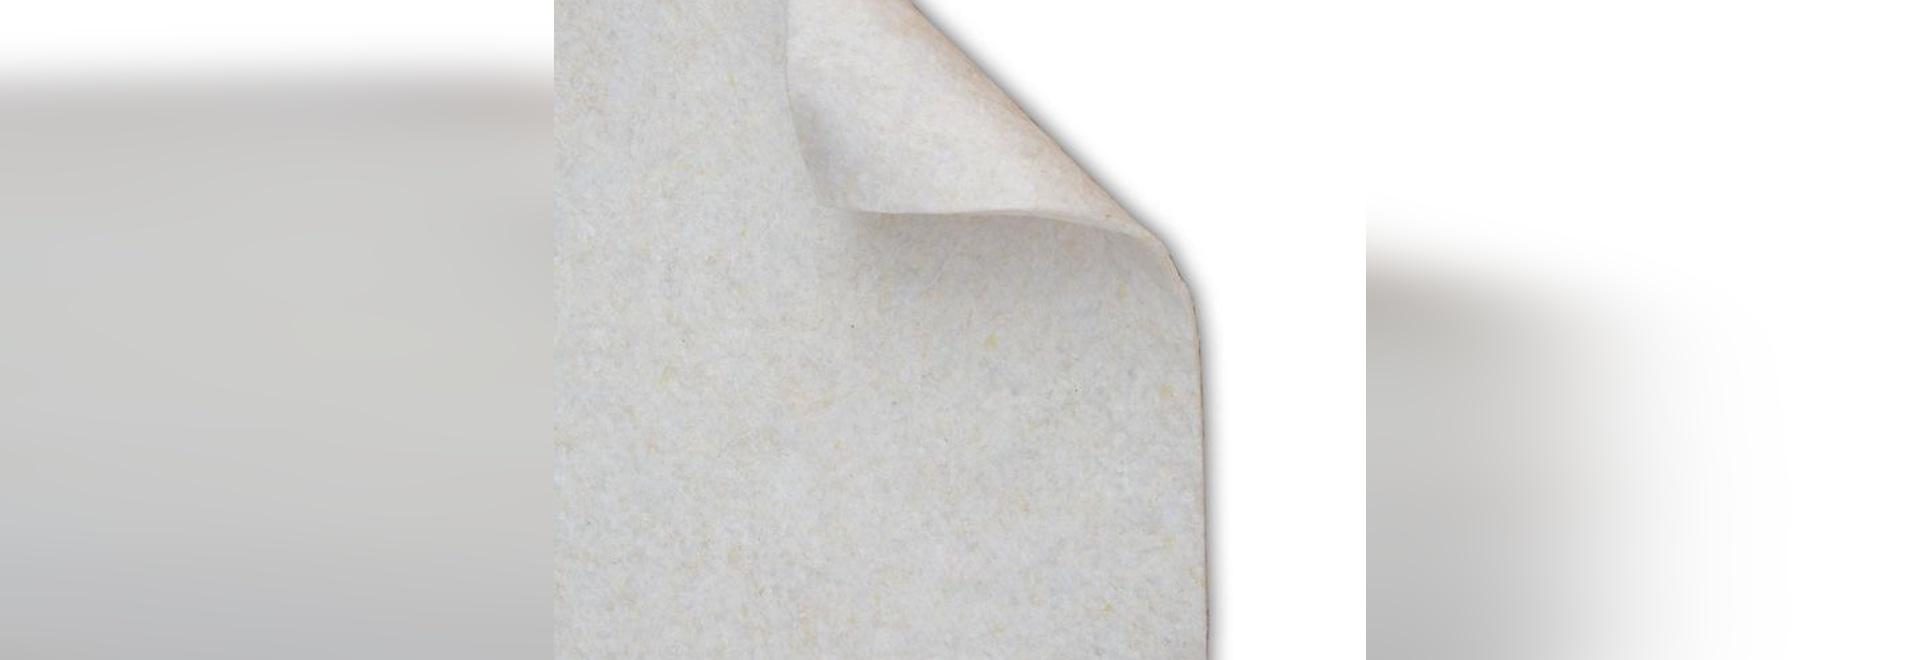 NUEVO: arpillera fonoabsorbente del polipropileno de la s.r.l. de ETERNO IVICA